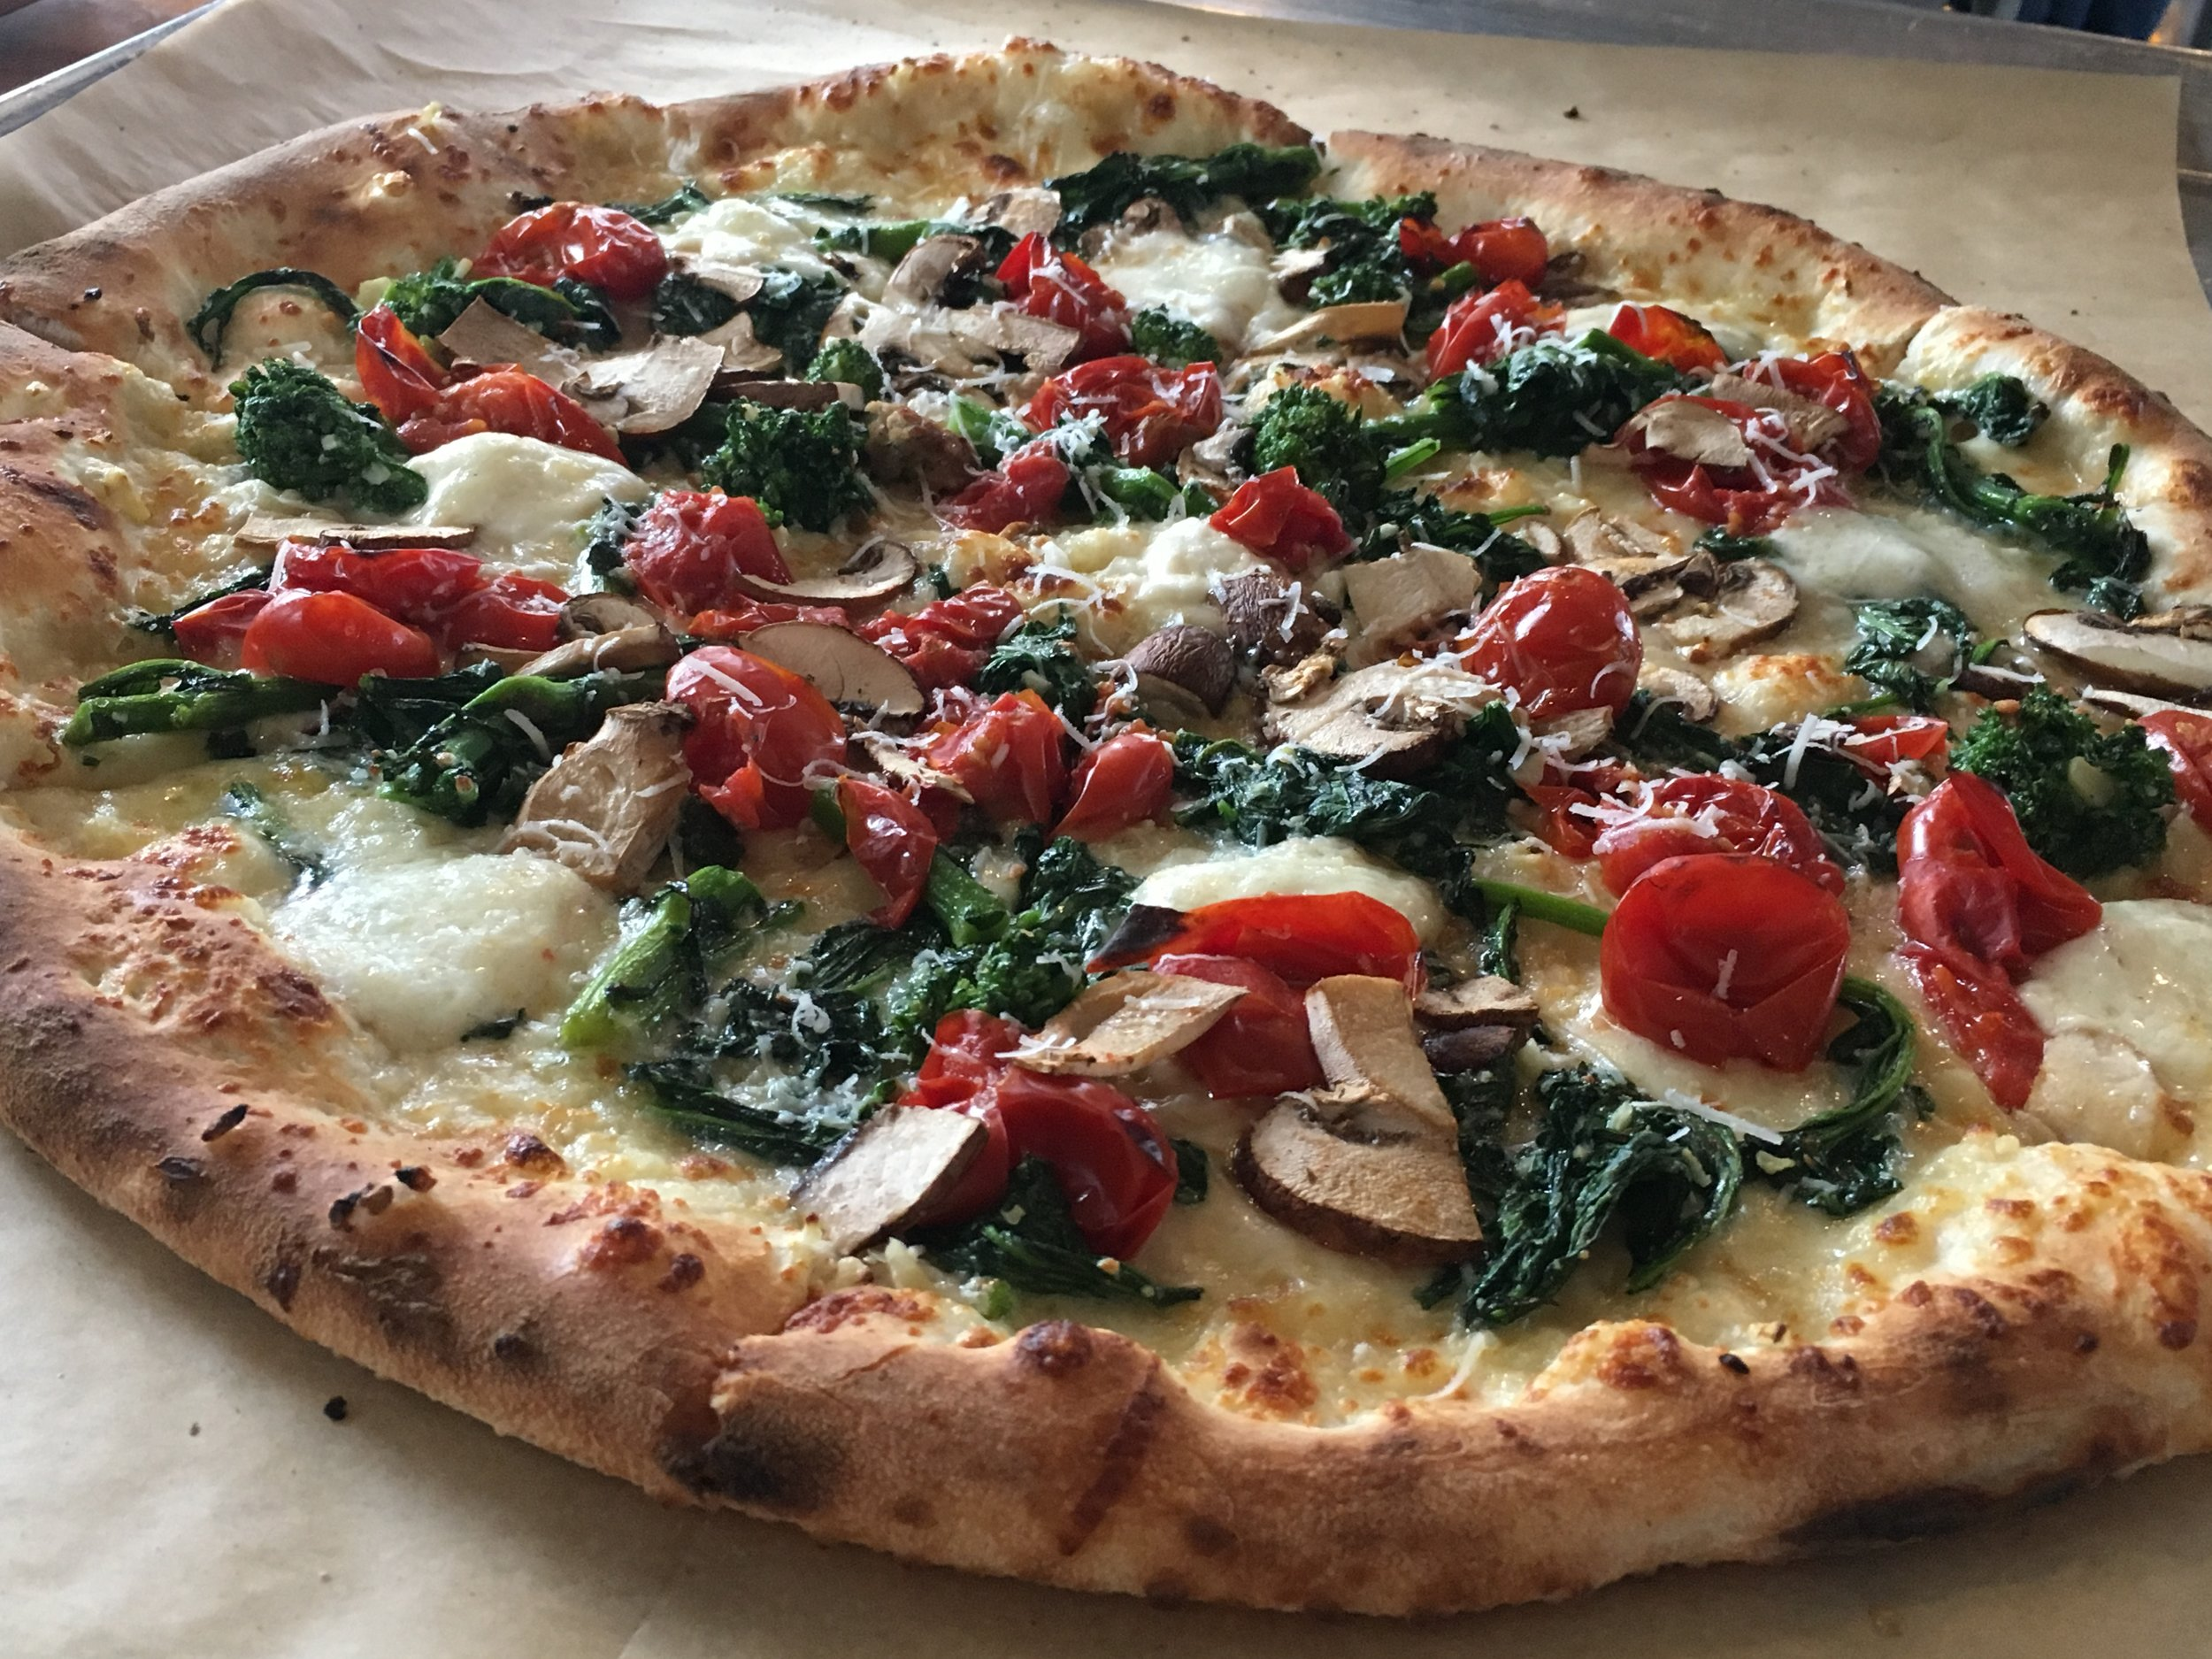 VERDURA  - Broccoli rabe, mushrooms, Vesuvian cherry tomatoes, garlic, scamorza, mozzarella di bufala, pecorino romano